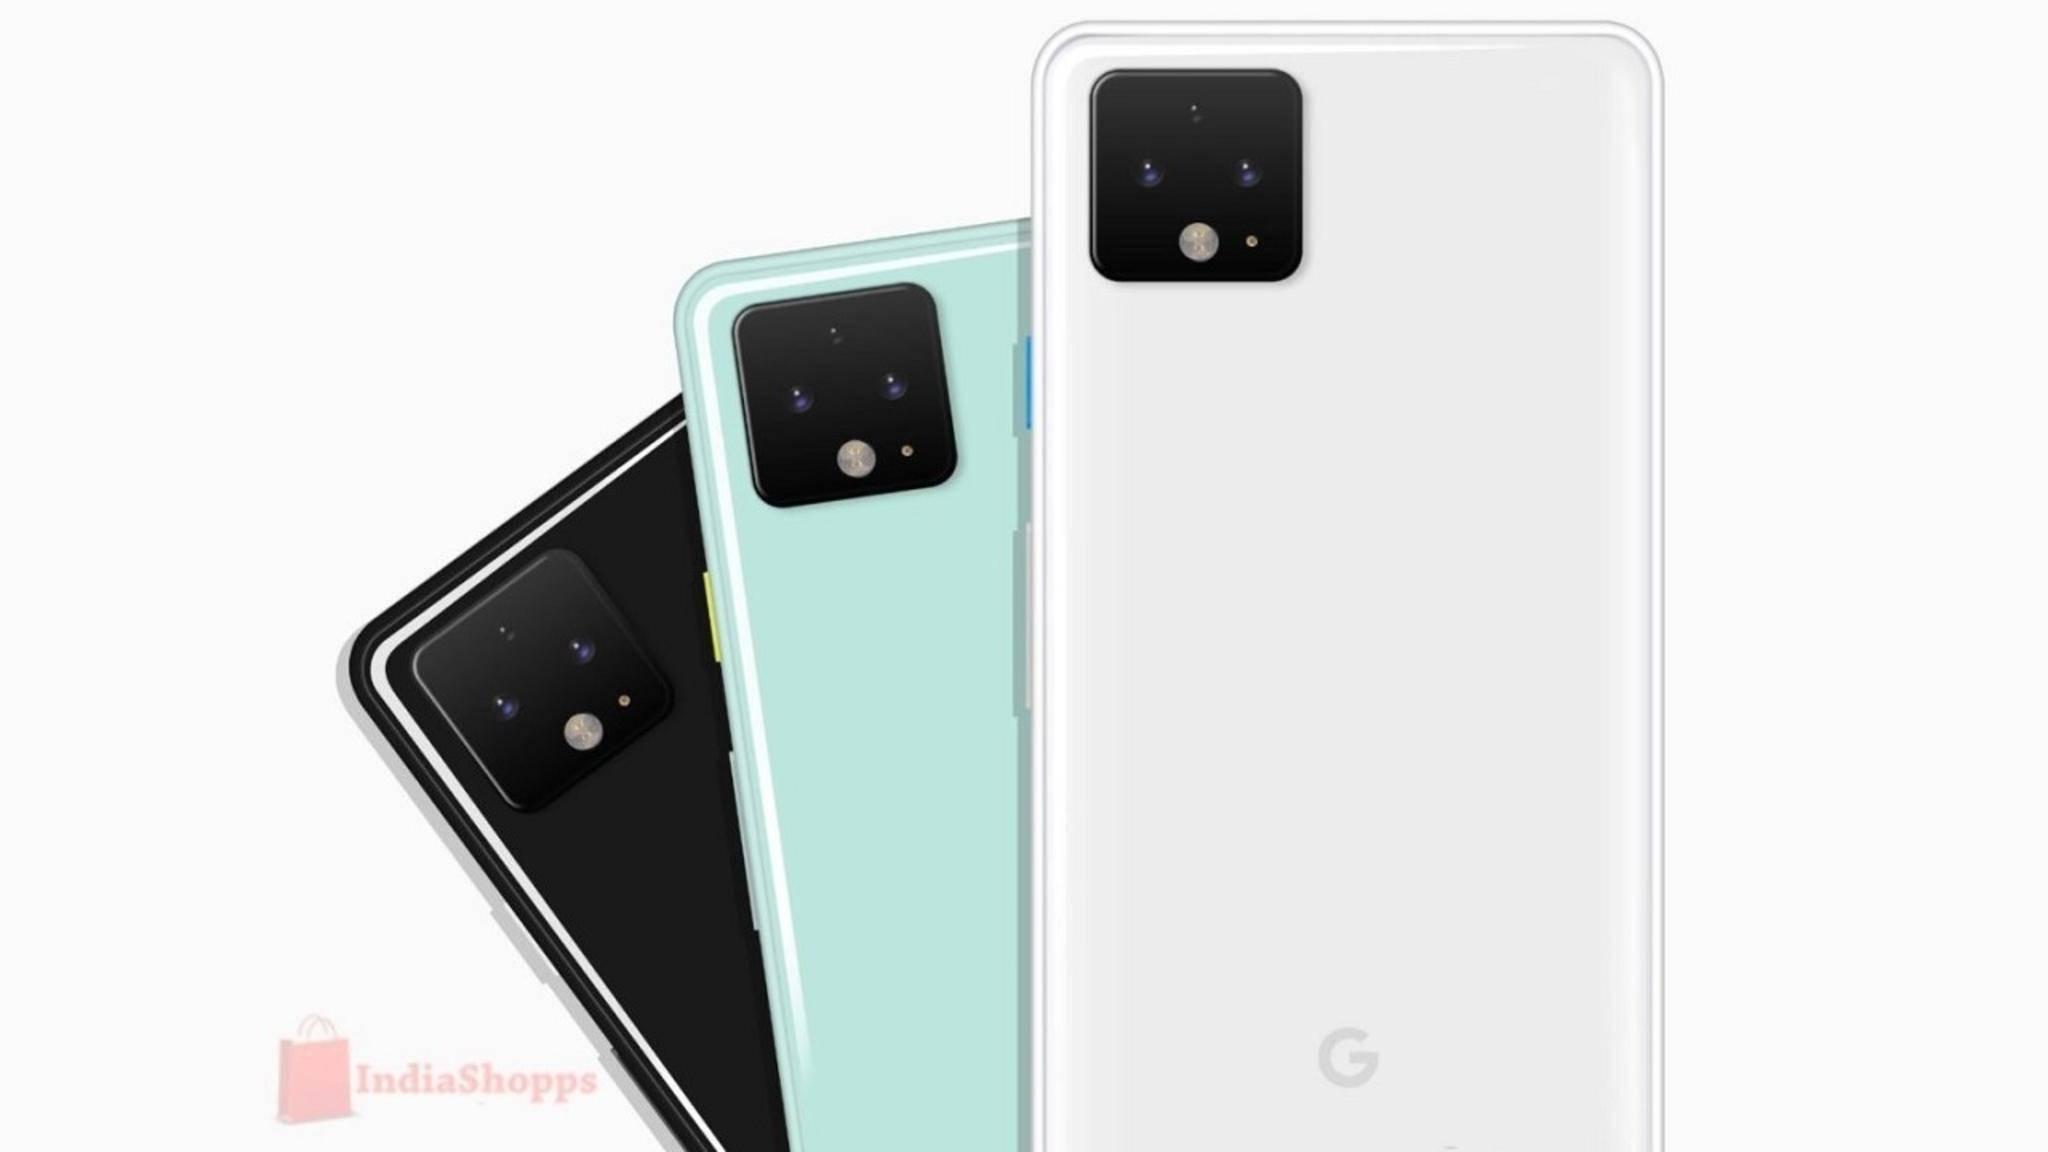 Google Pixel 4: Renderbilder zeigen Front und neue Farbe